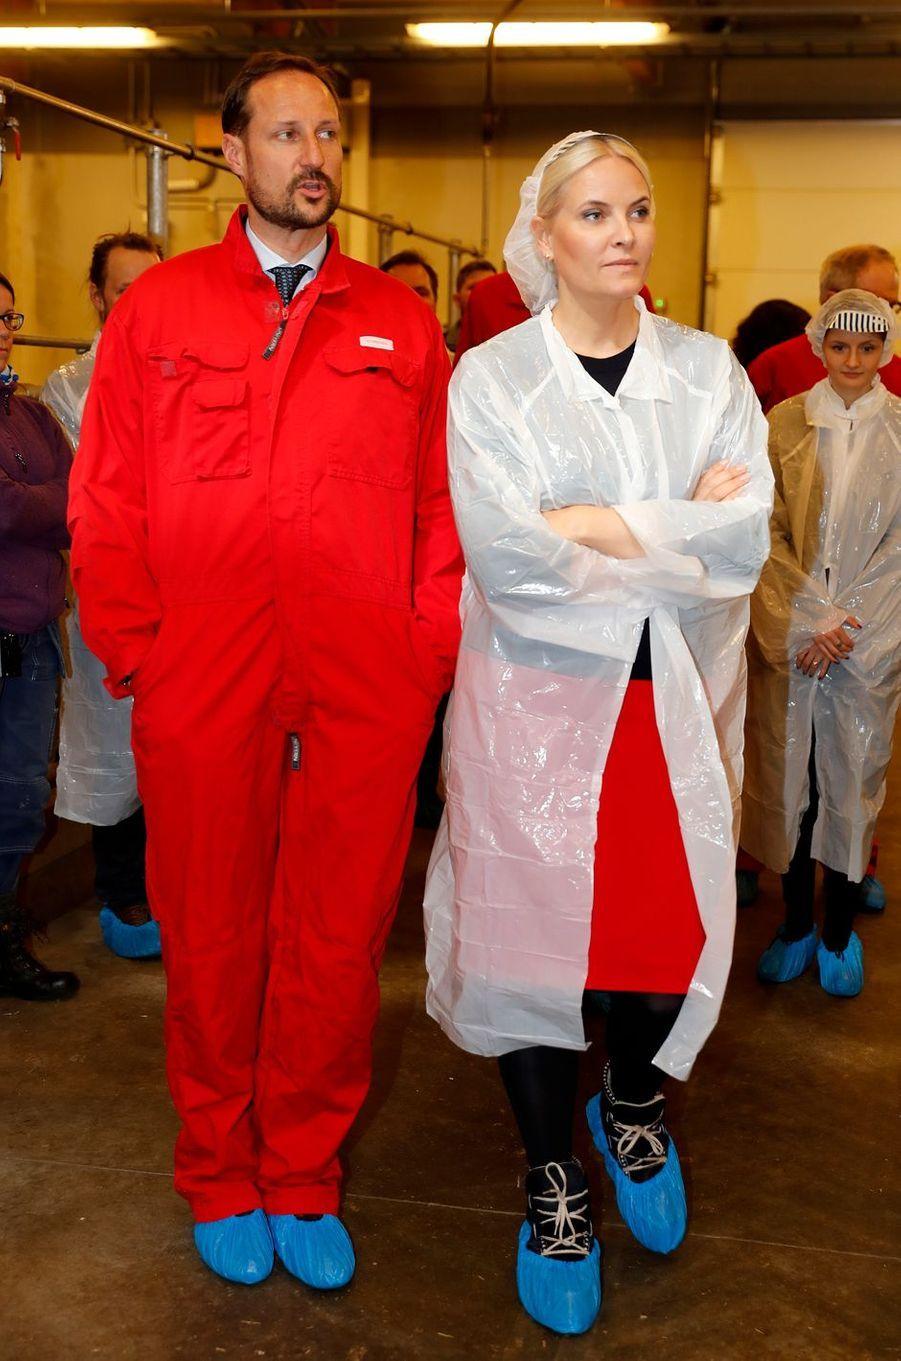 La princesse Mette-Marit et le prince Haakon de Norvège dans la ferme de haute-technologie de l'Université de As, le 24 mars 2017